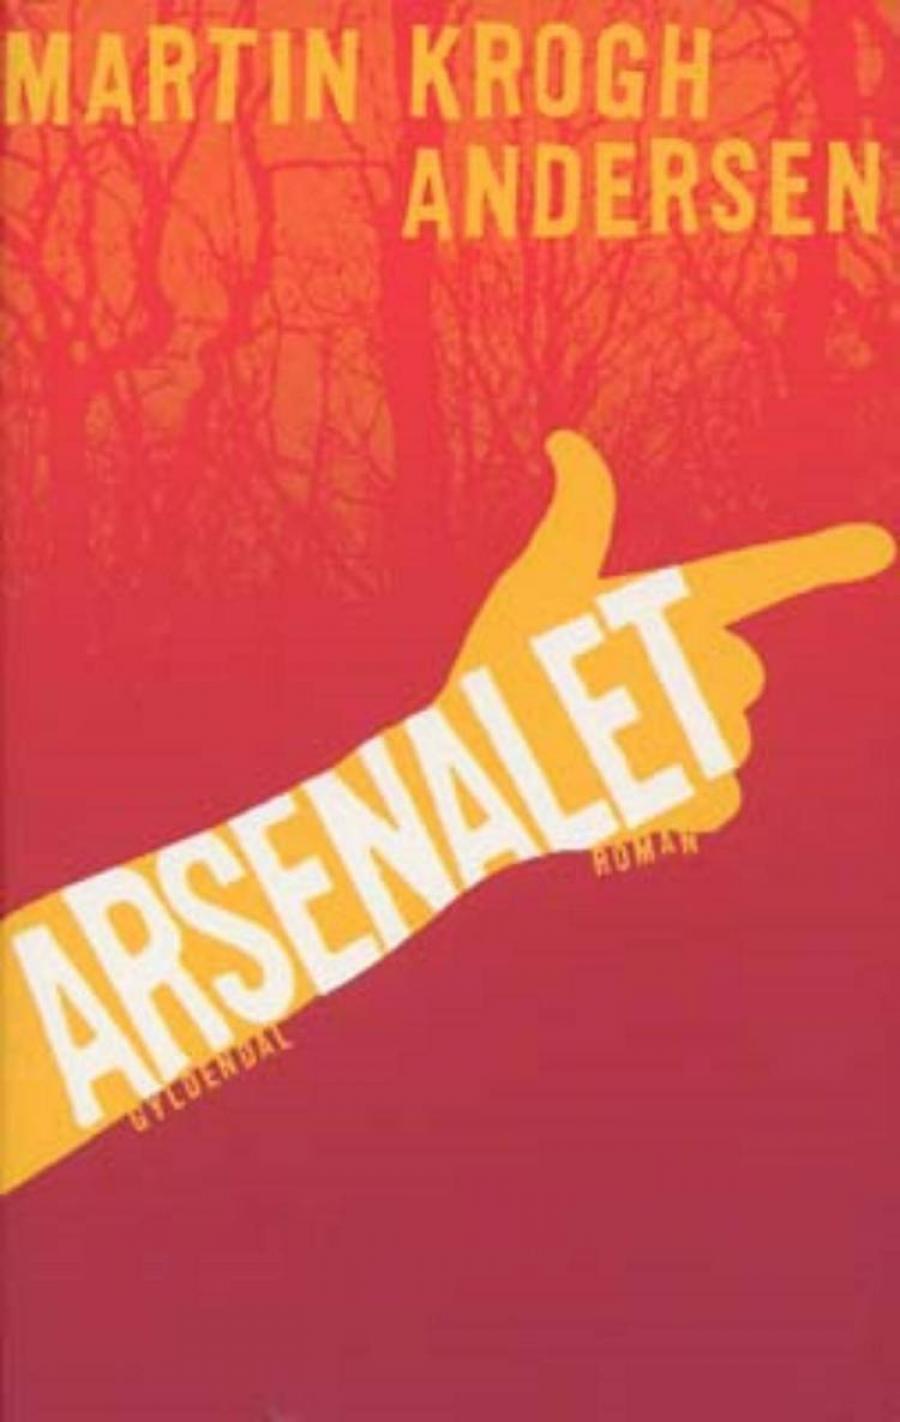 Arsenalet af Martin Krogh Andersen